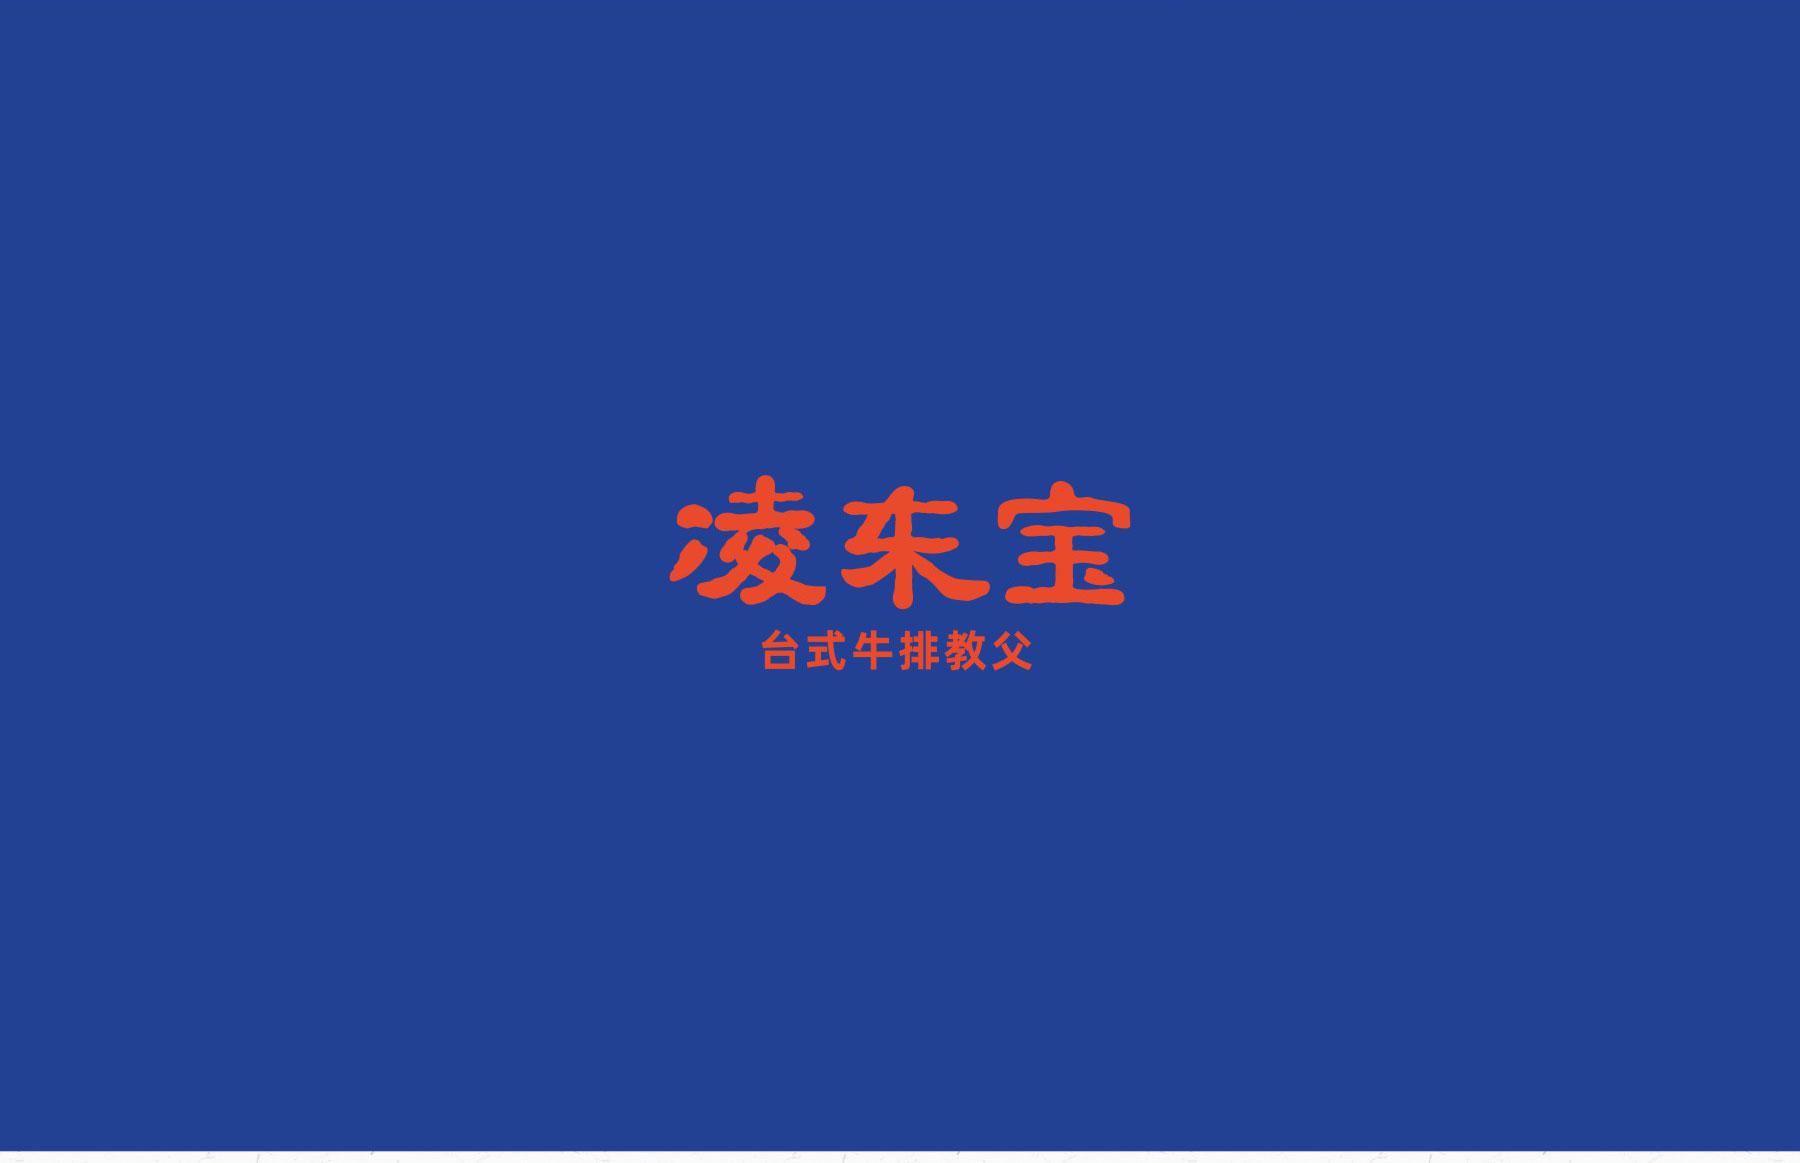 【原创LOGO定制/总监操刀】教育/中英文/公司logo